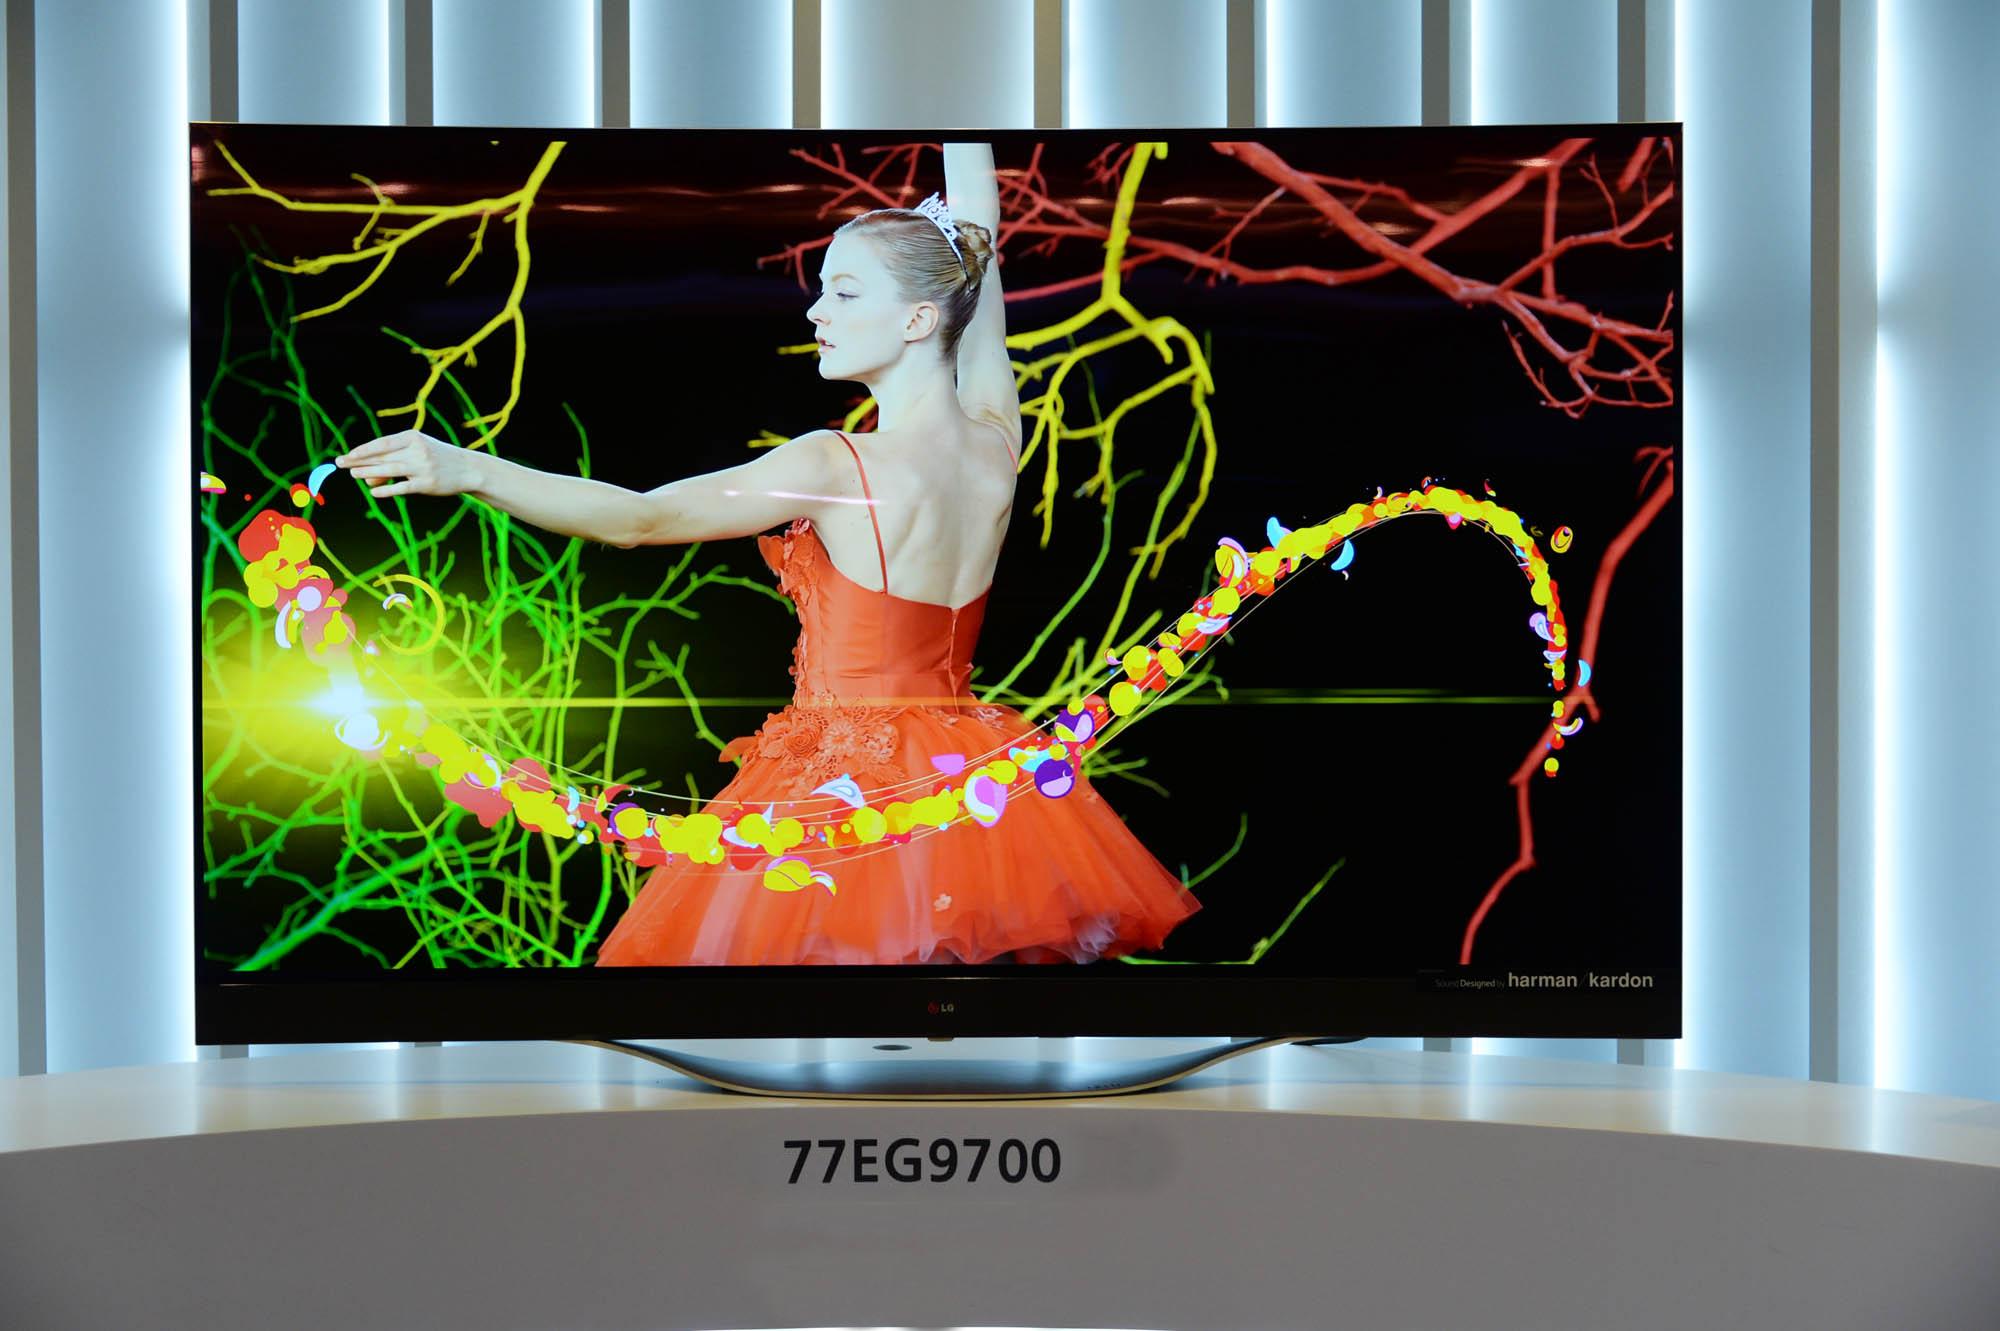 LG 4K OLED TV model 77EG9700